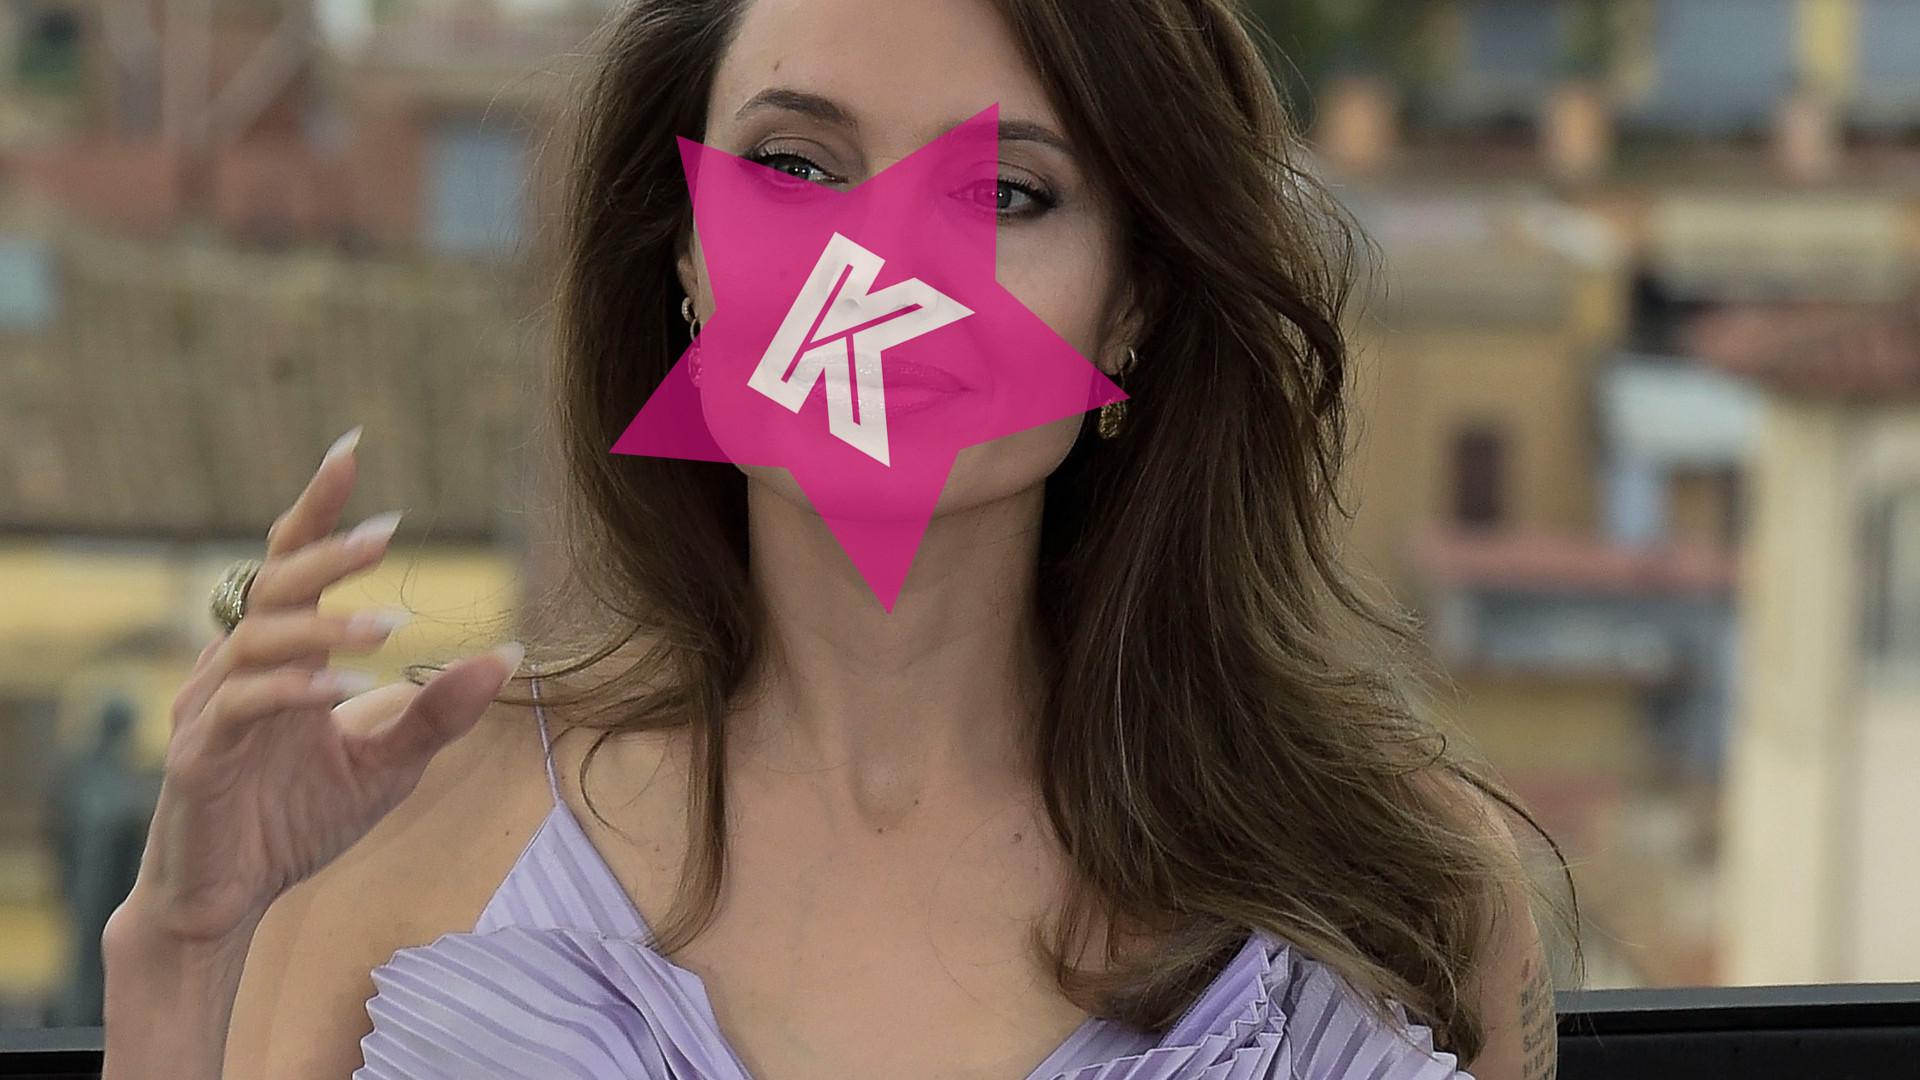 Angelina Jolie ma nową twarz – gwiazda wygląda, jakby spuchła (ZDJĘCIA)